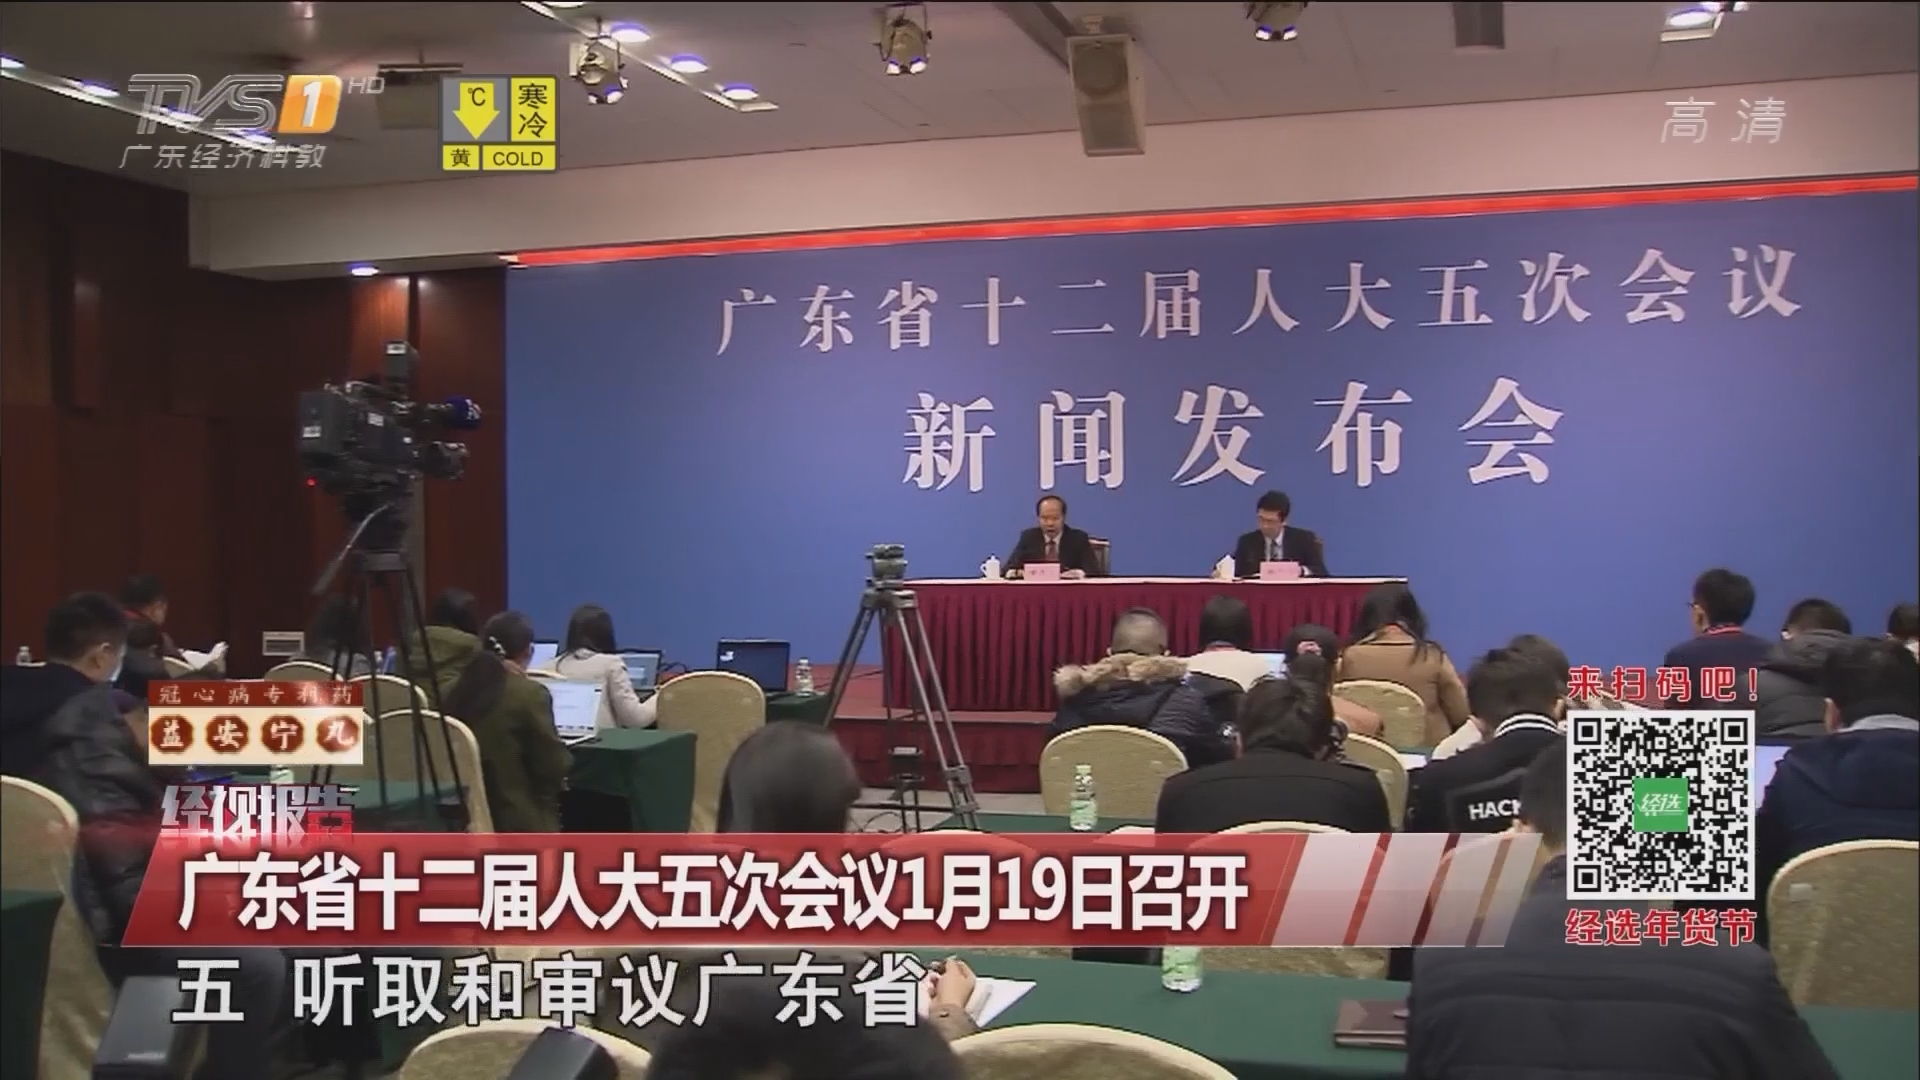 广东省十二届人大五次会议1月19日召开